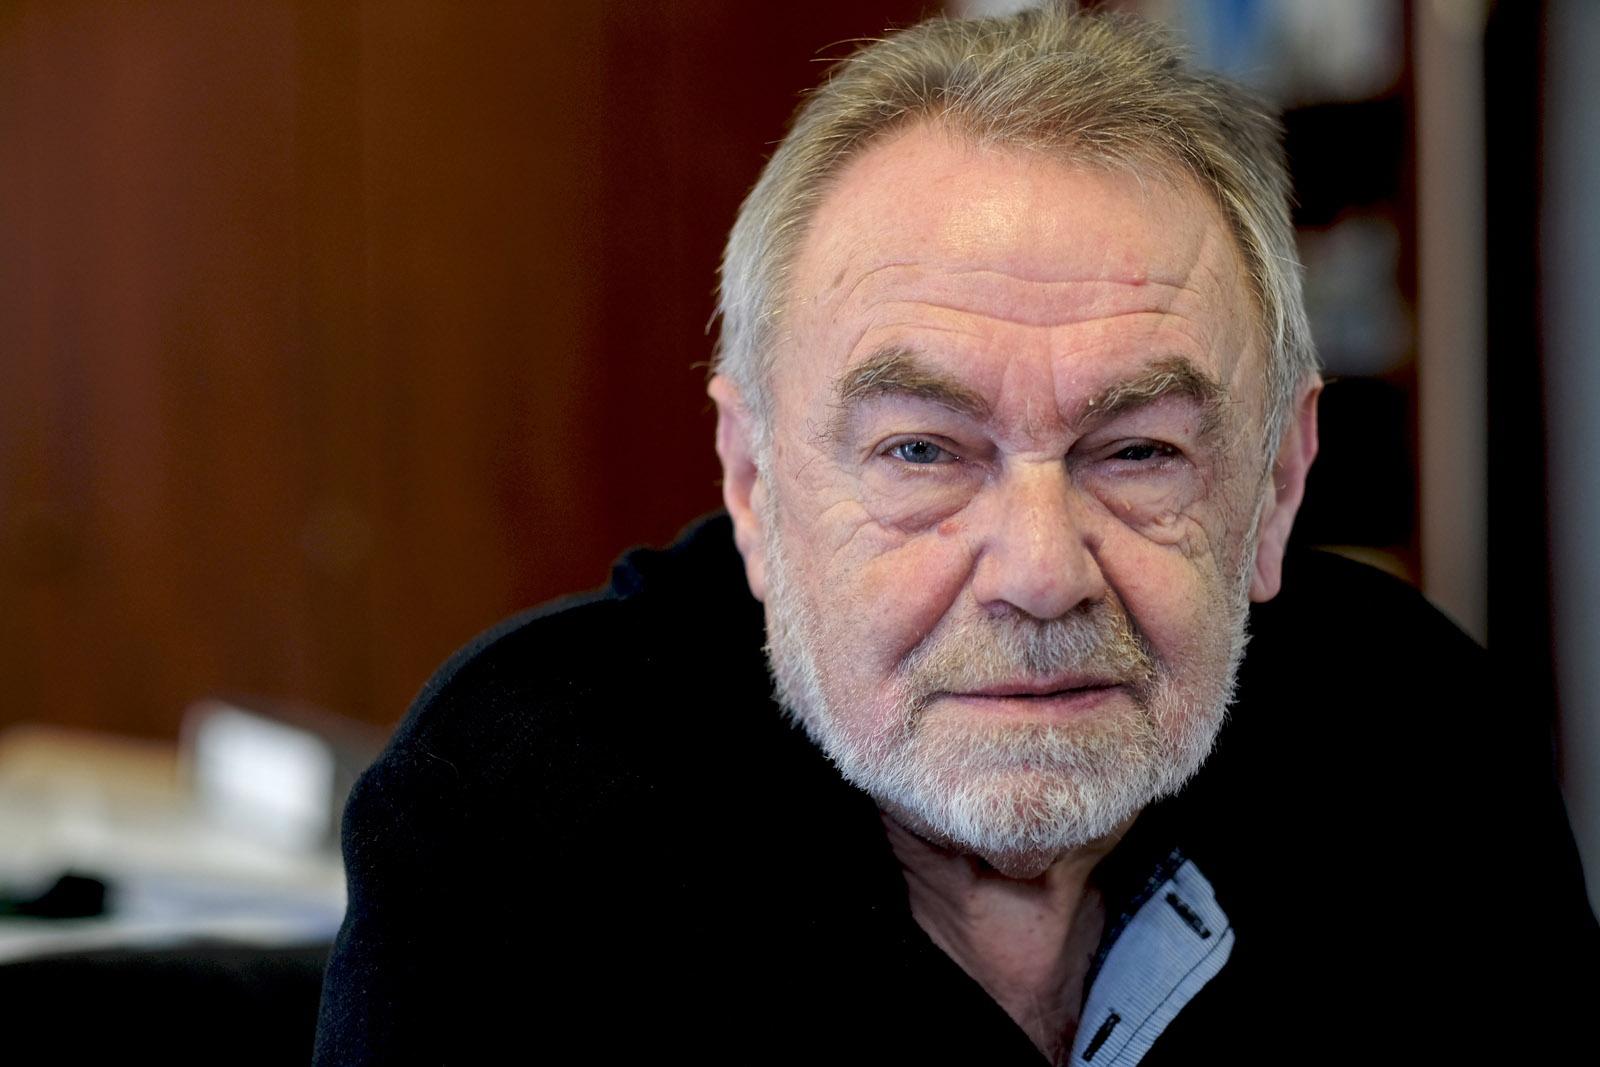 Porträt: Älterer Herr mit kurzem Vollbart, kurzem Haar und hoher Stirn.